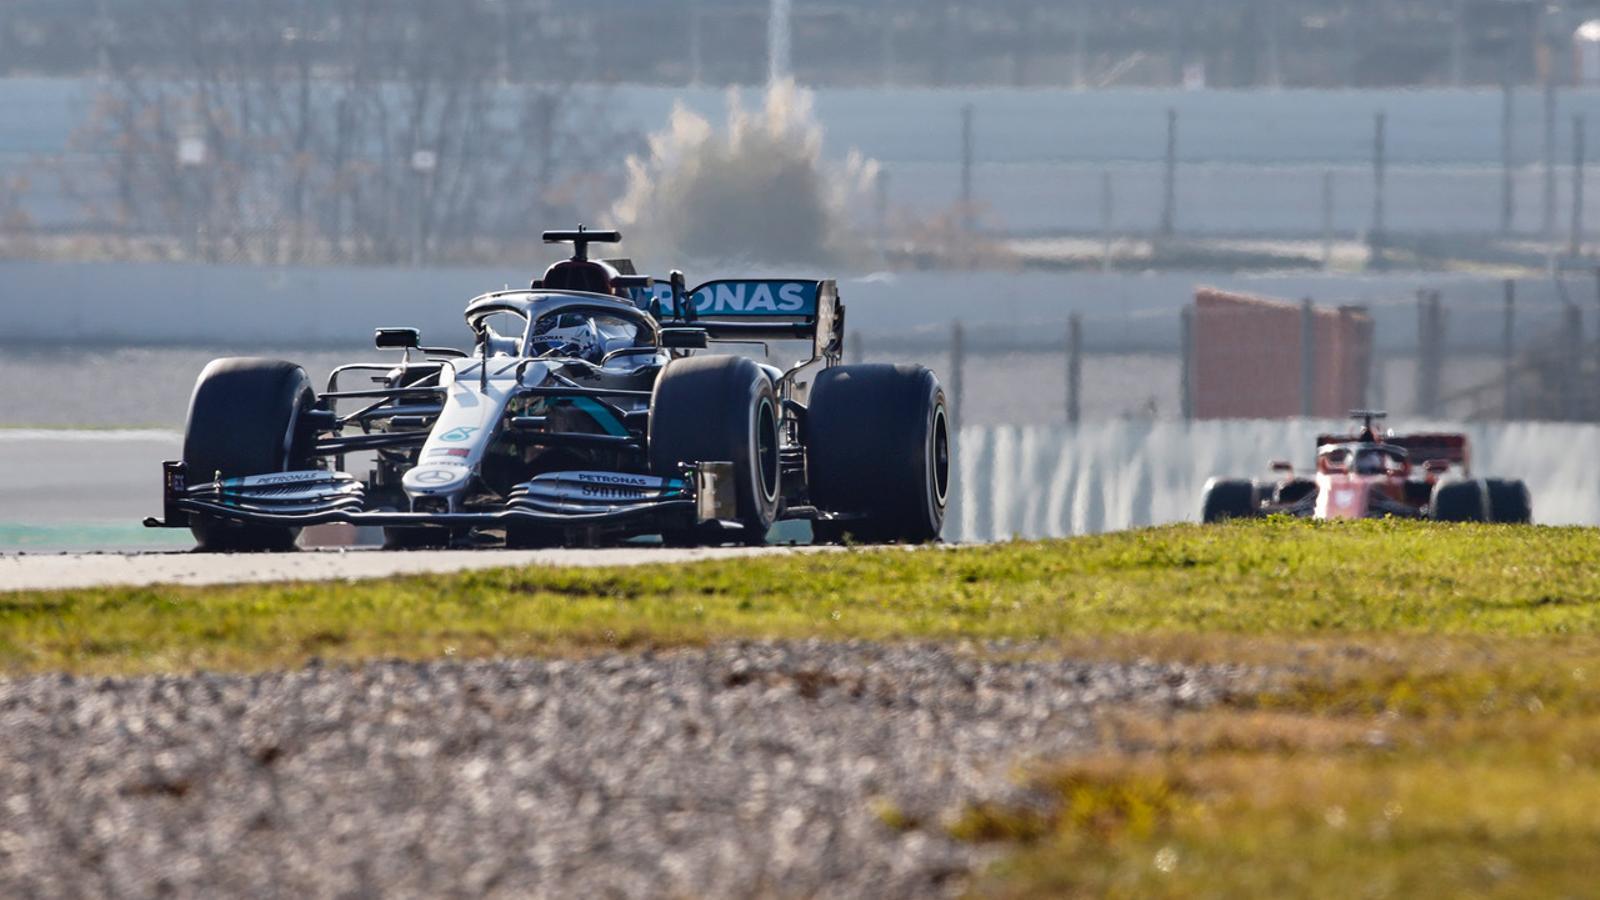 La F1 engega motors carregada d'incògnites